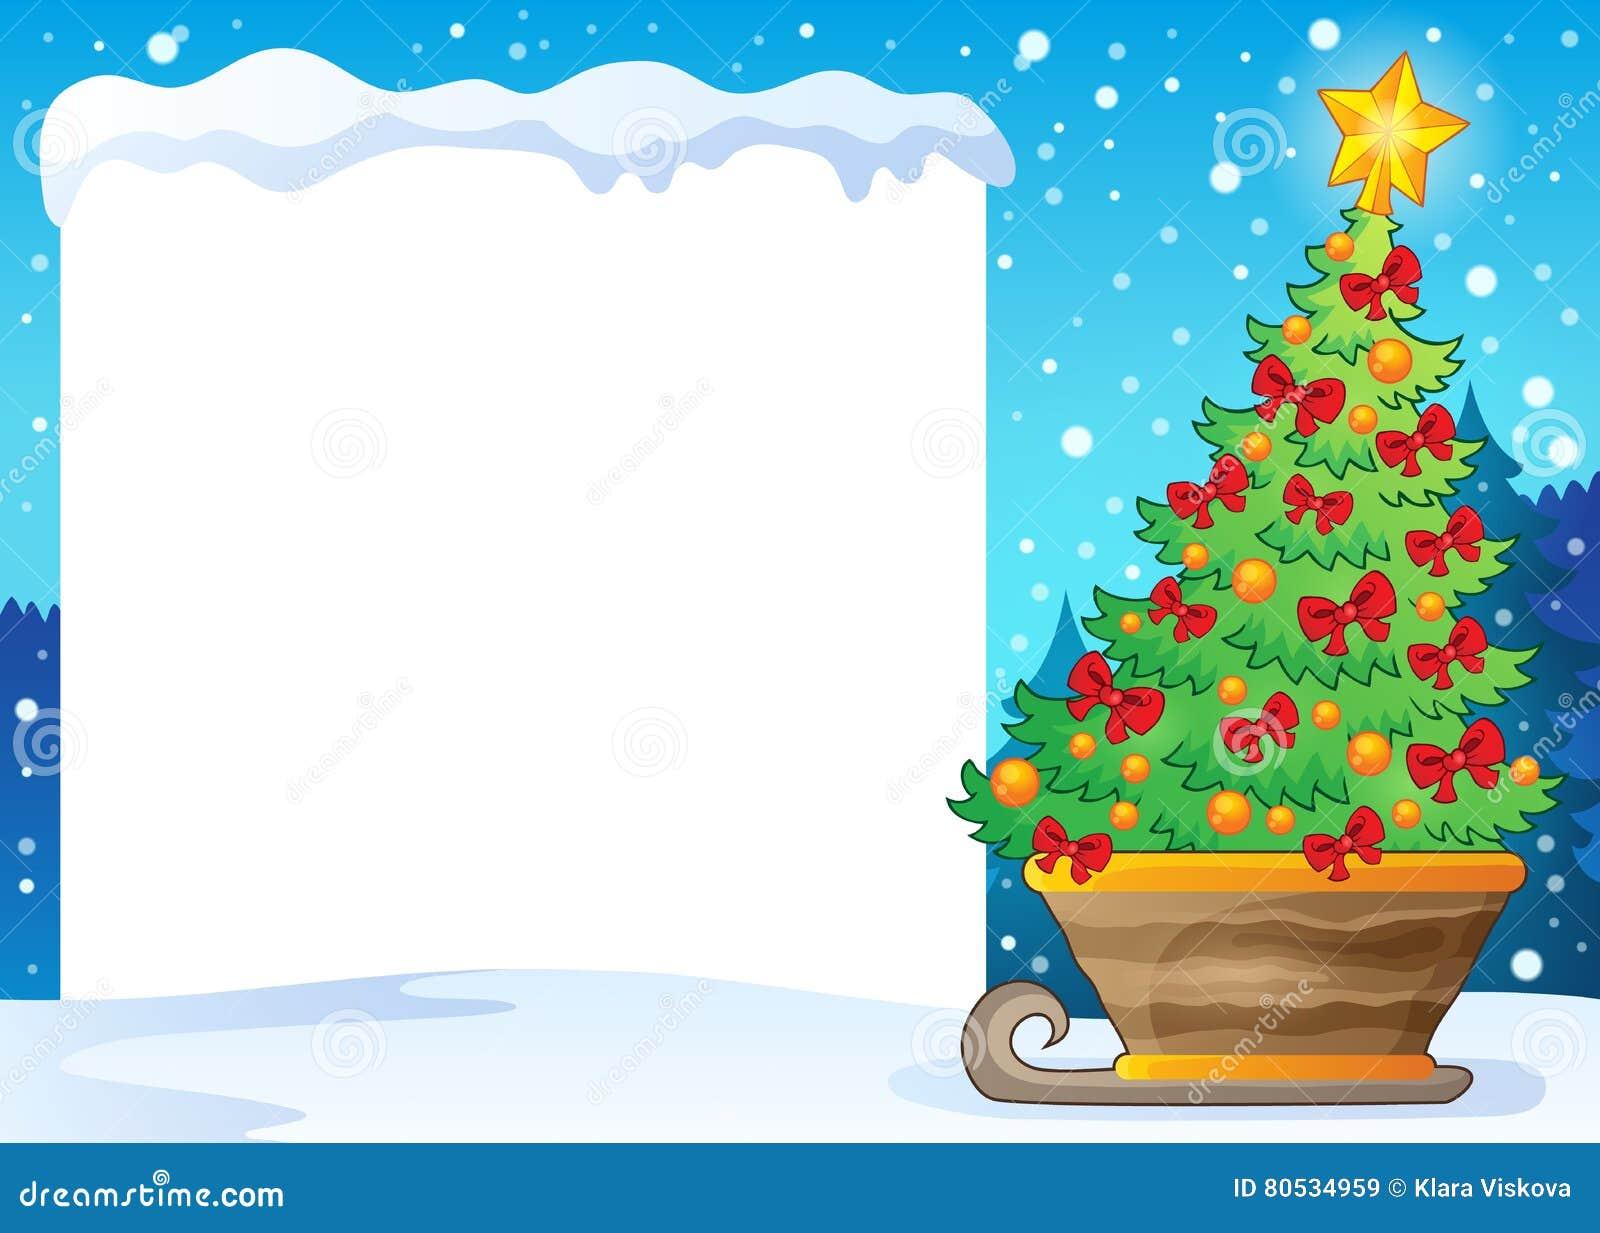 Arbol de navidad nevado arbol de navidad nevado rbol de navidad nevado de el corte ingls - Arbol de navidad nevado artificial ...